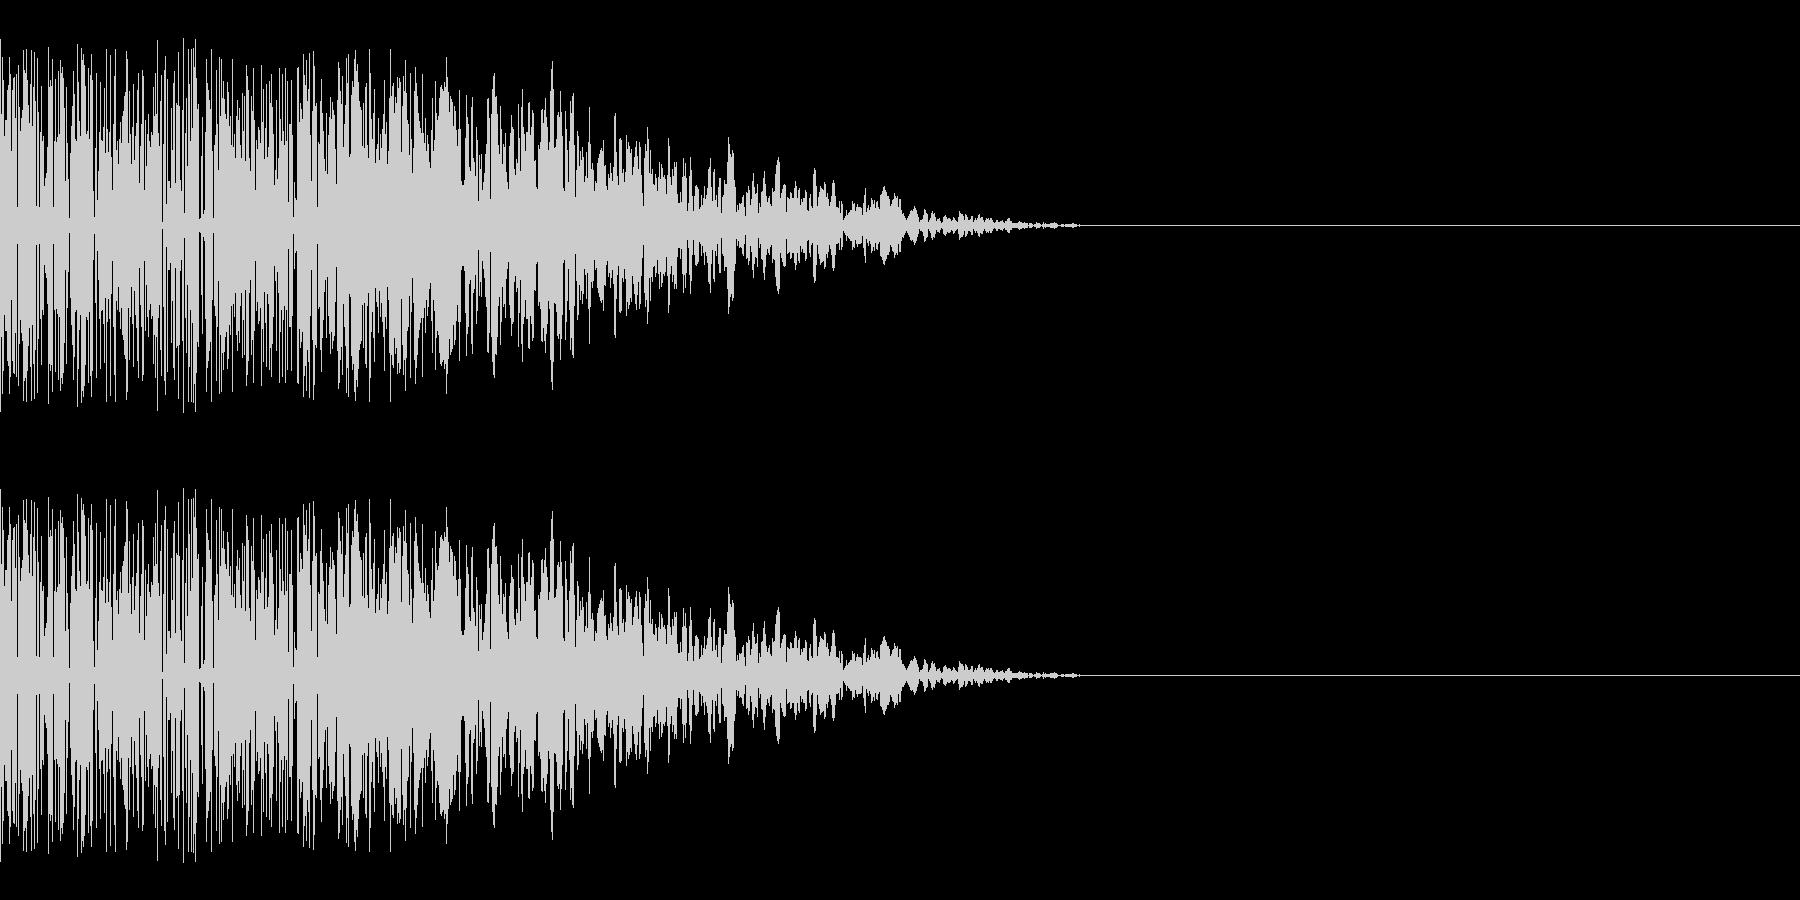 シャキーン(クリティカルヒット/斬撃)の未再生の波形